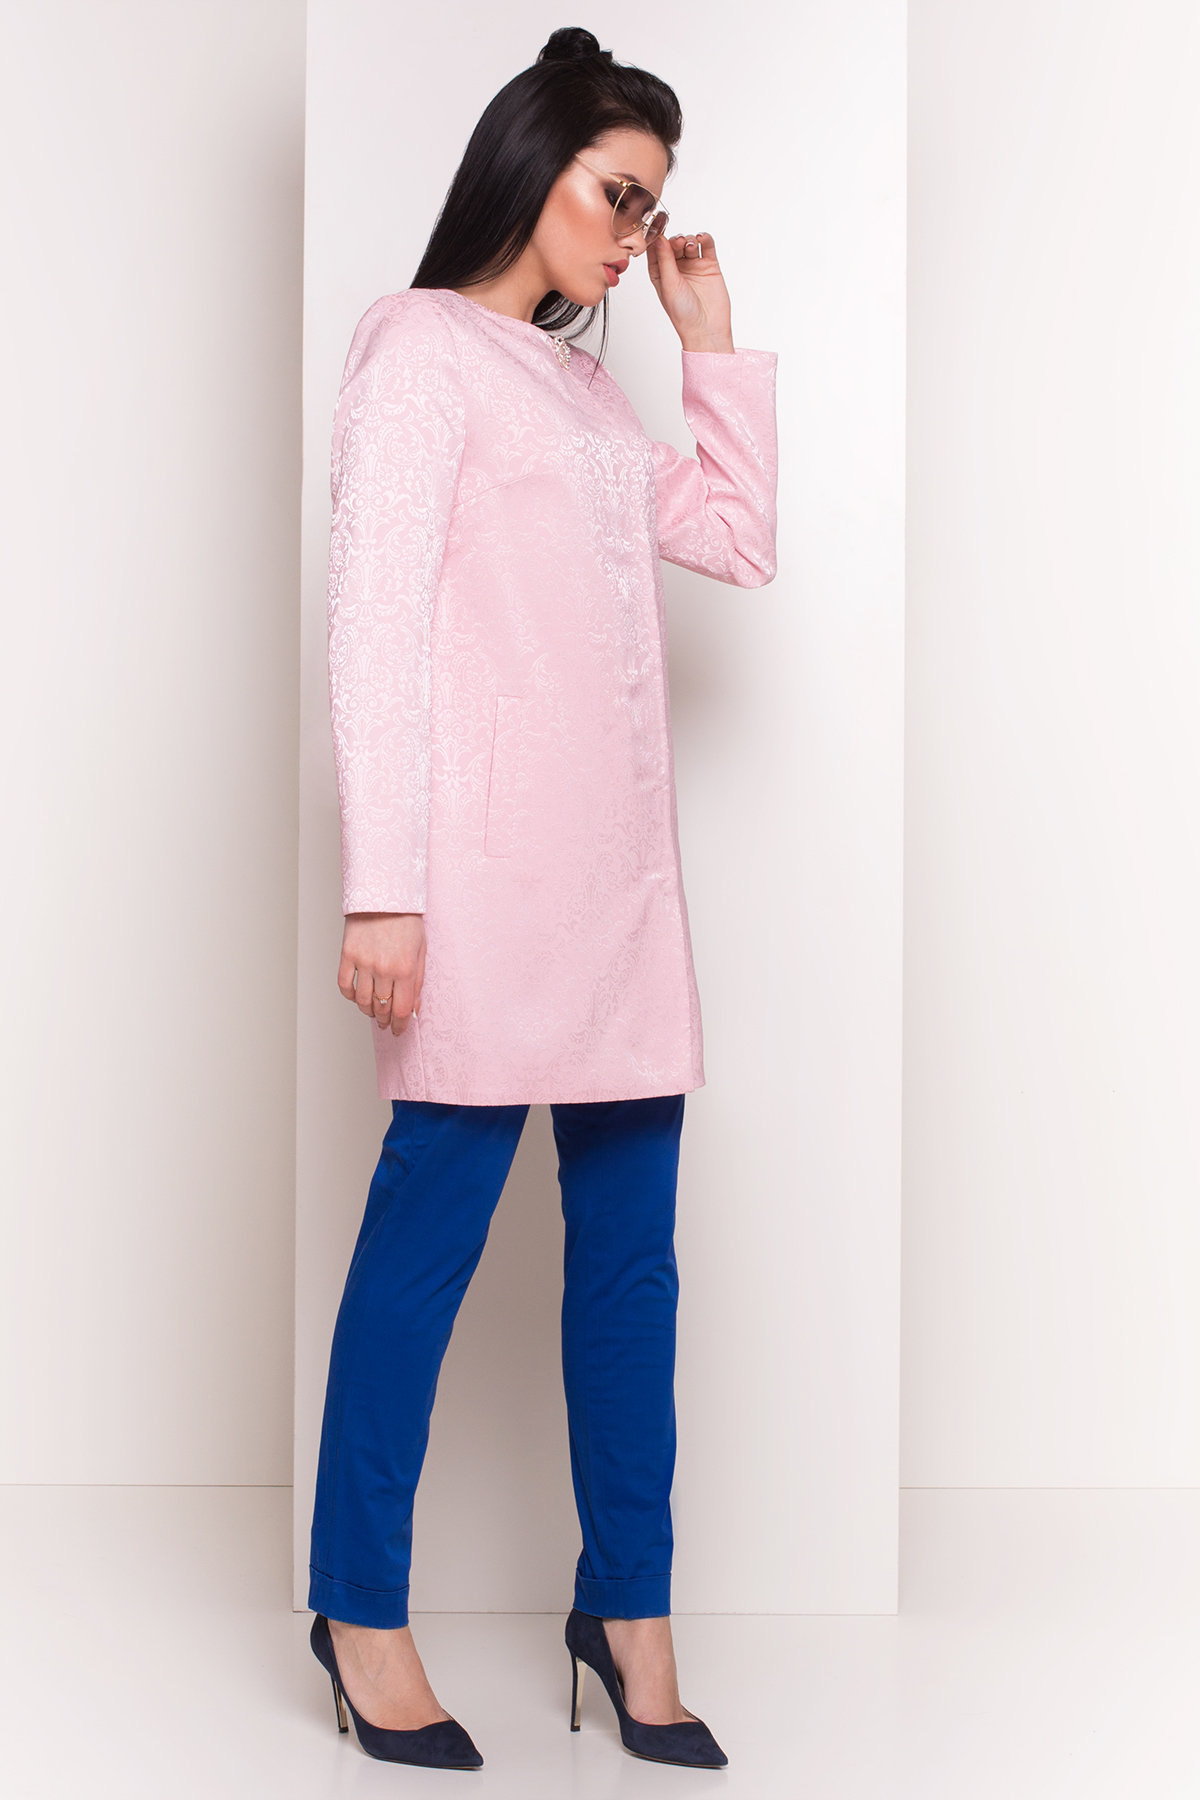 Свободный плащ со скрытой застежкой Фабио 4700 АРТ. 33838 Цвет: Розовый - фото 2, интернет магазин tm-modus.ru